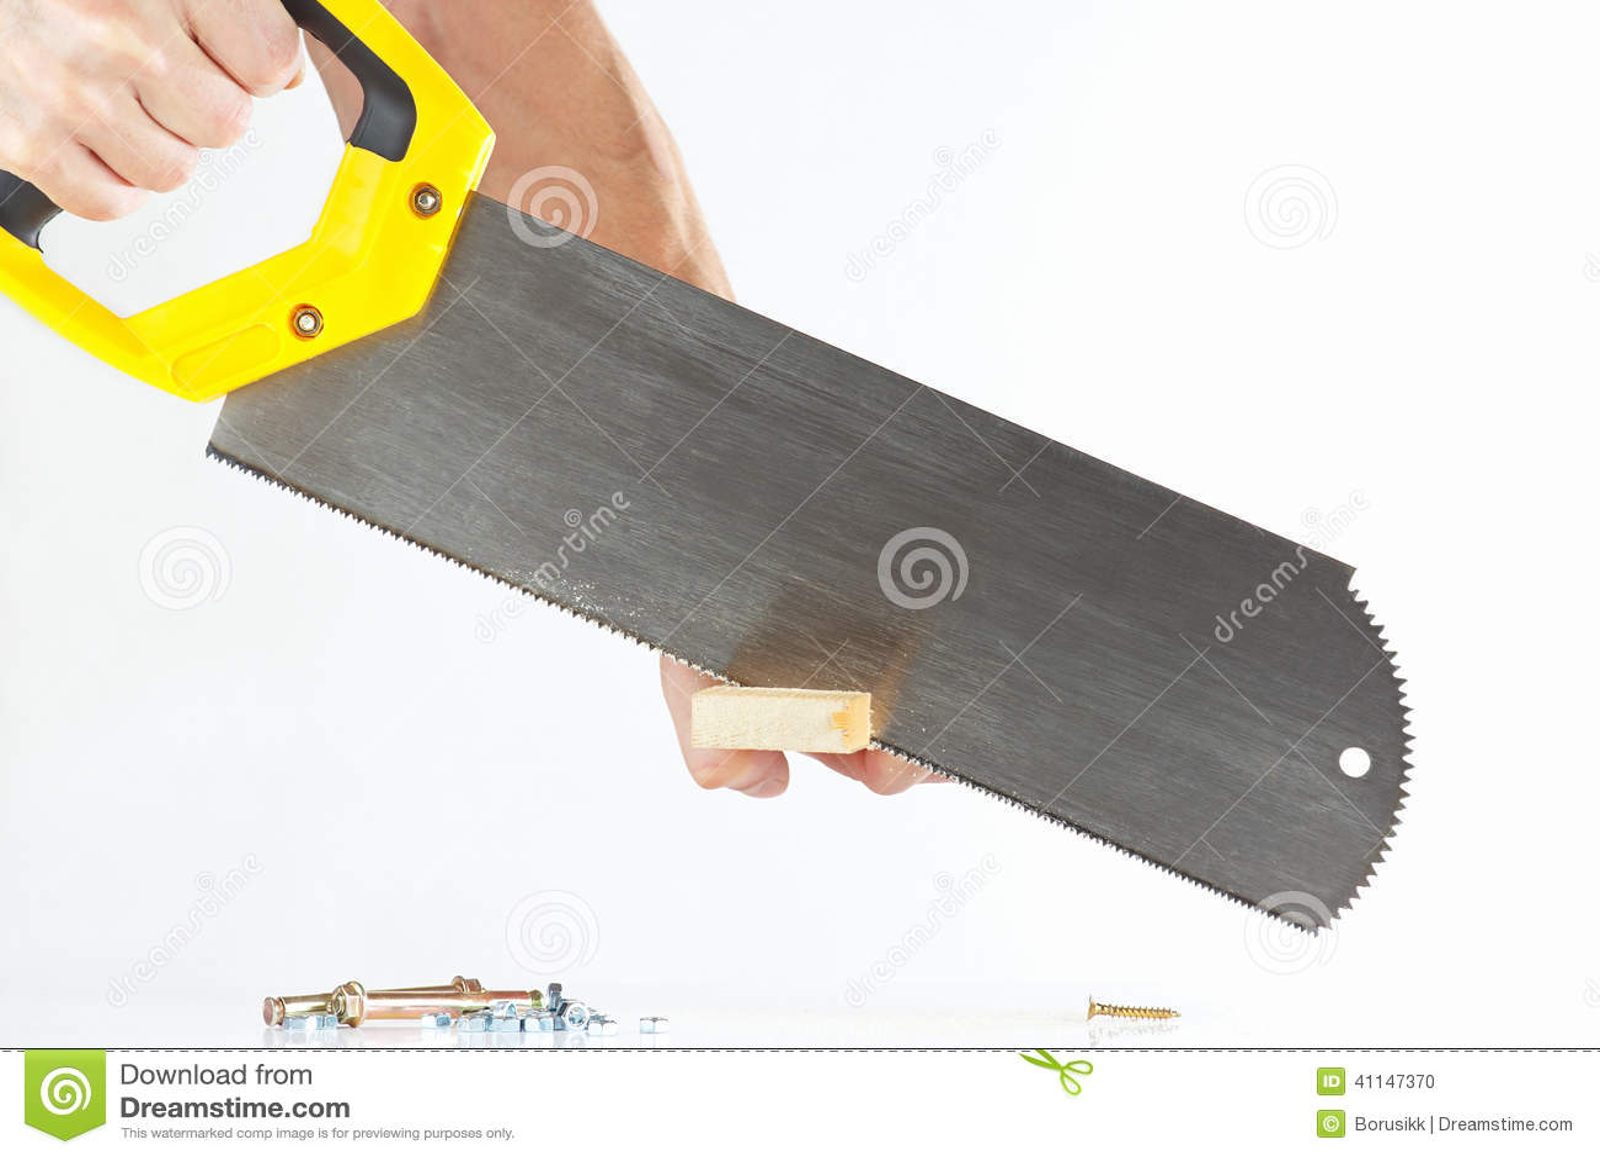 Main d un ouvrier coupant un bloc en bois avec une scie à main